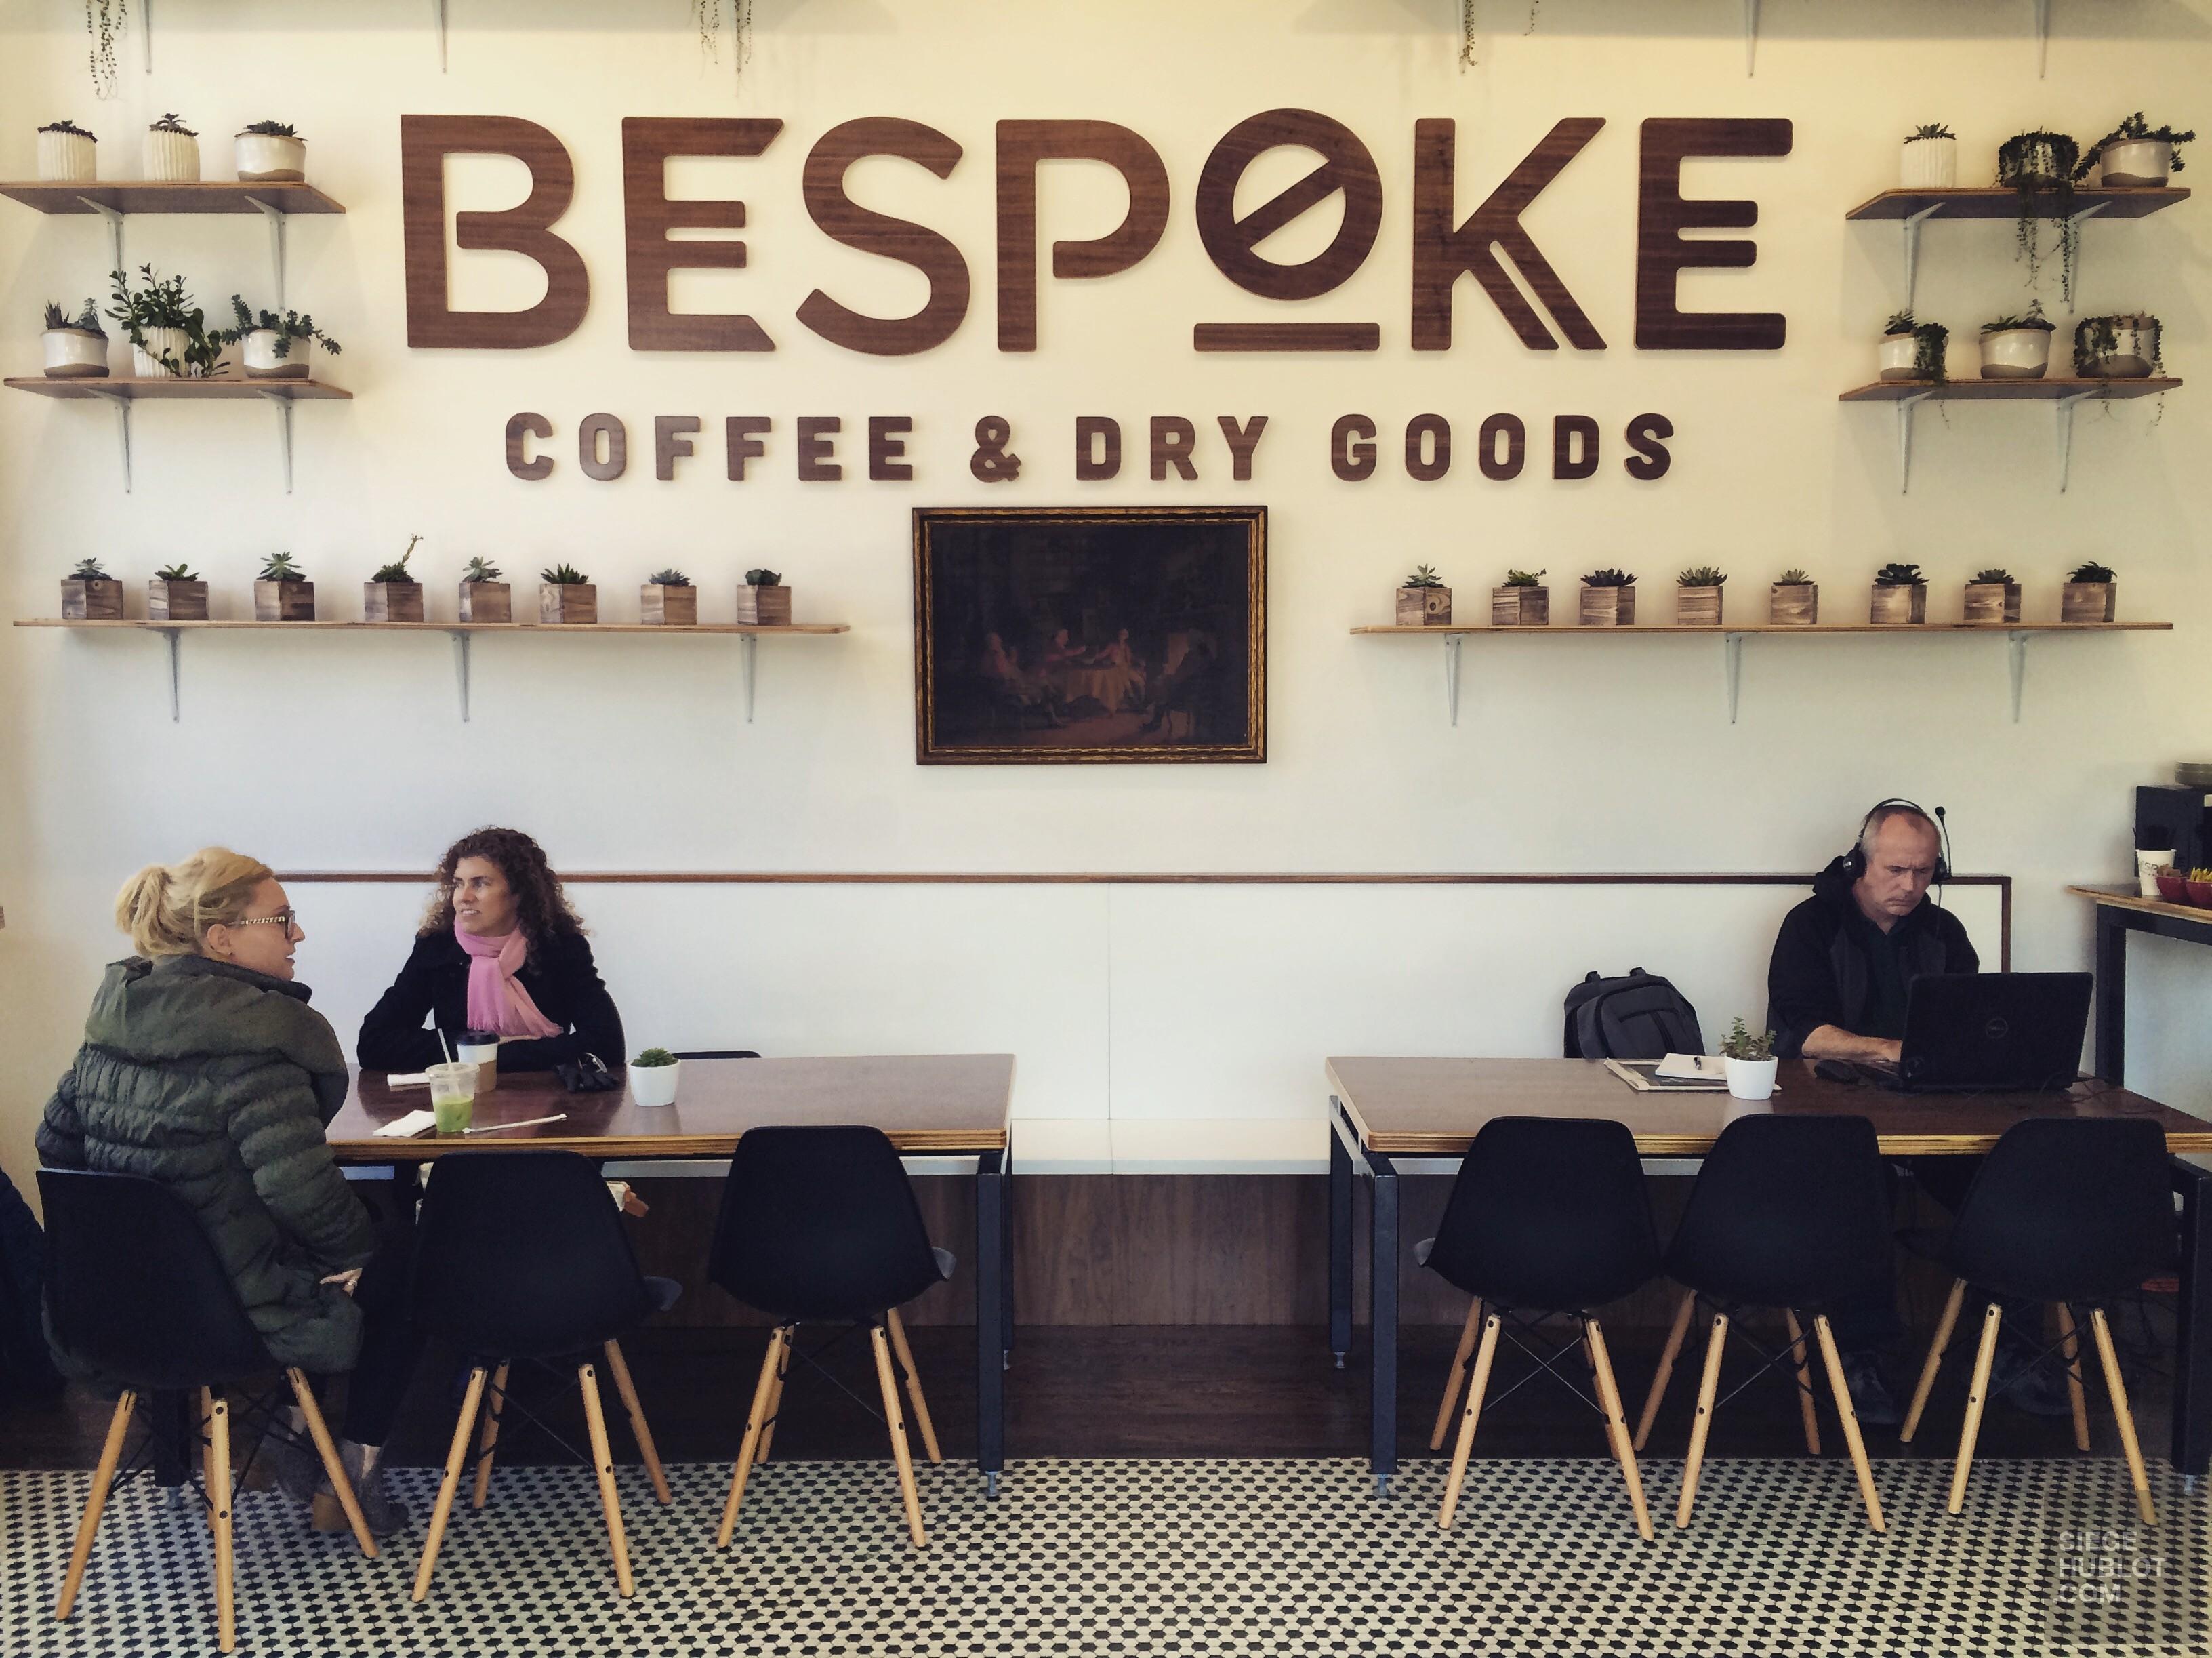 3 cafés en Caroline du Nord - etats-unis, caroline-du-nord, cafes-restos, cafes, amerique-du-nord